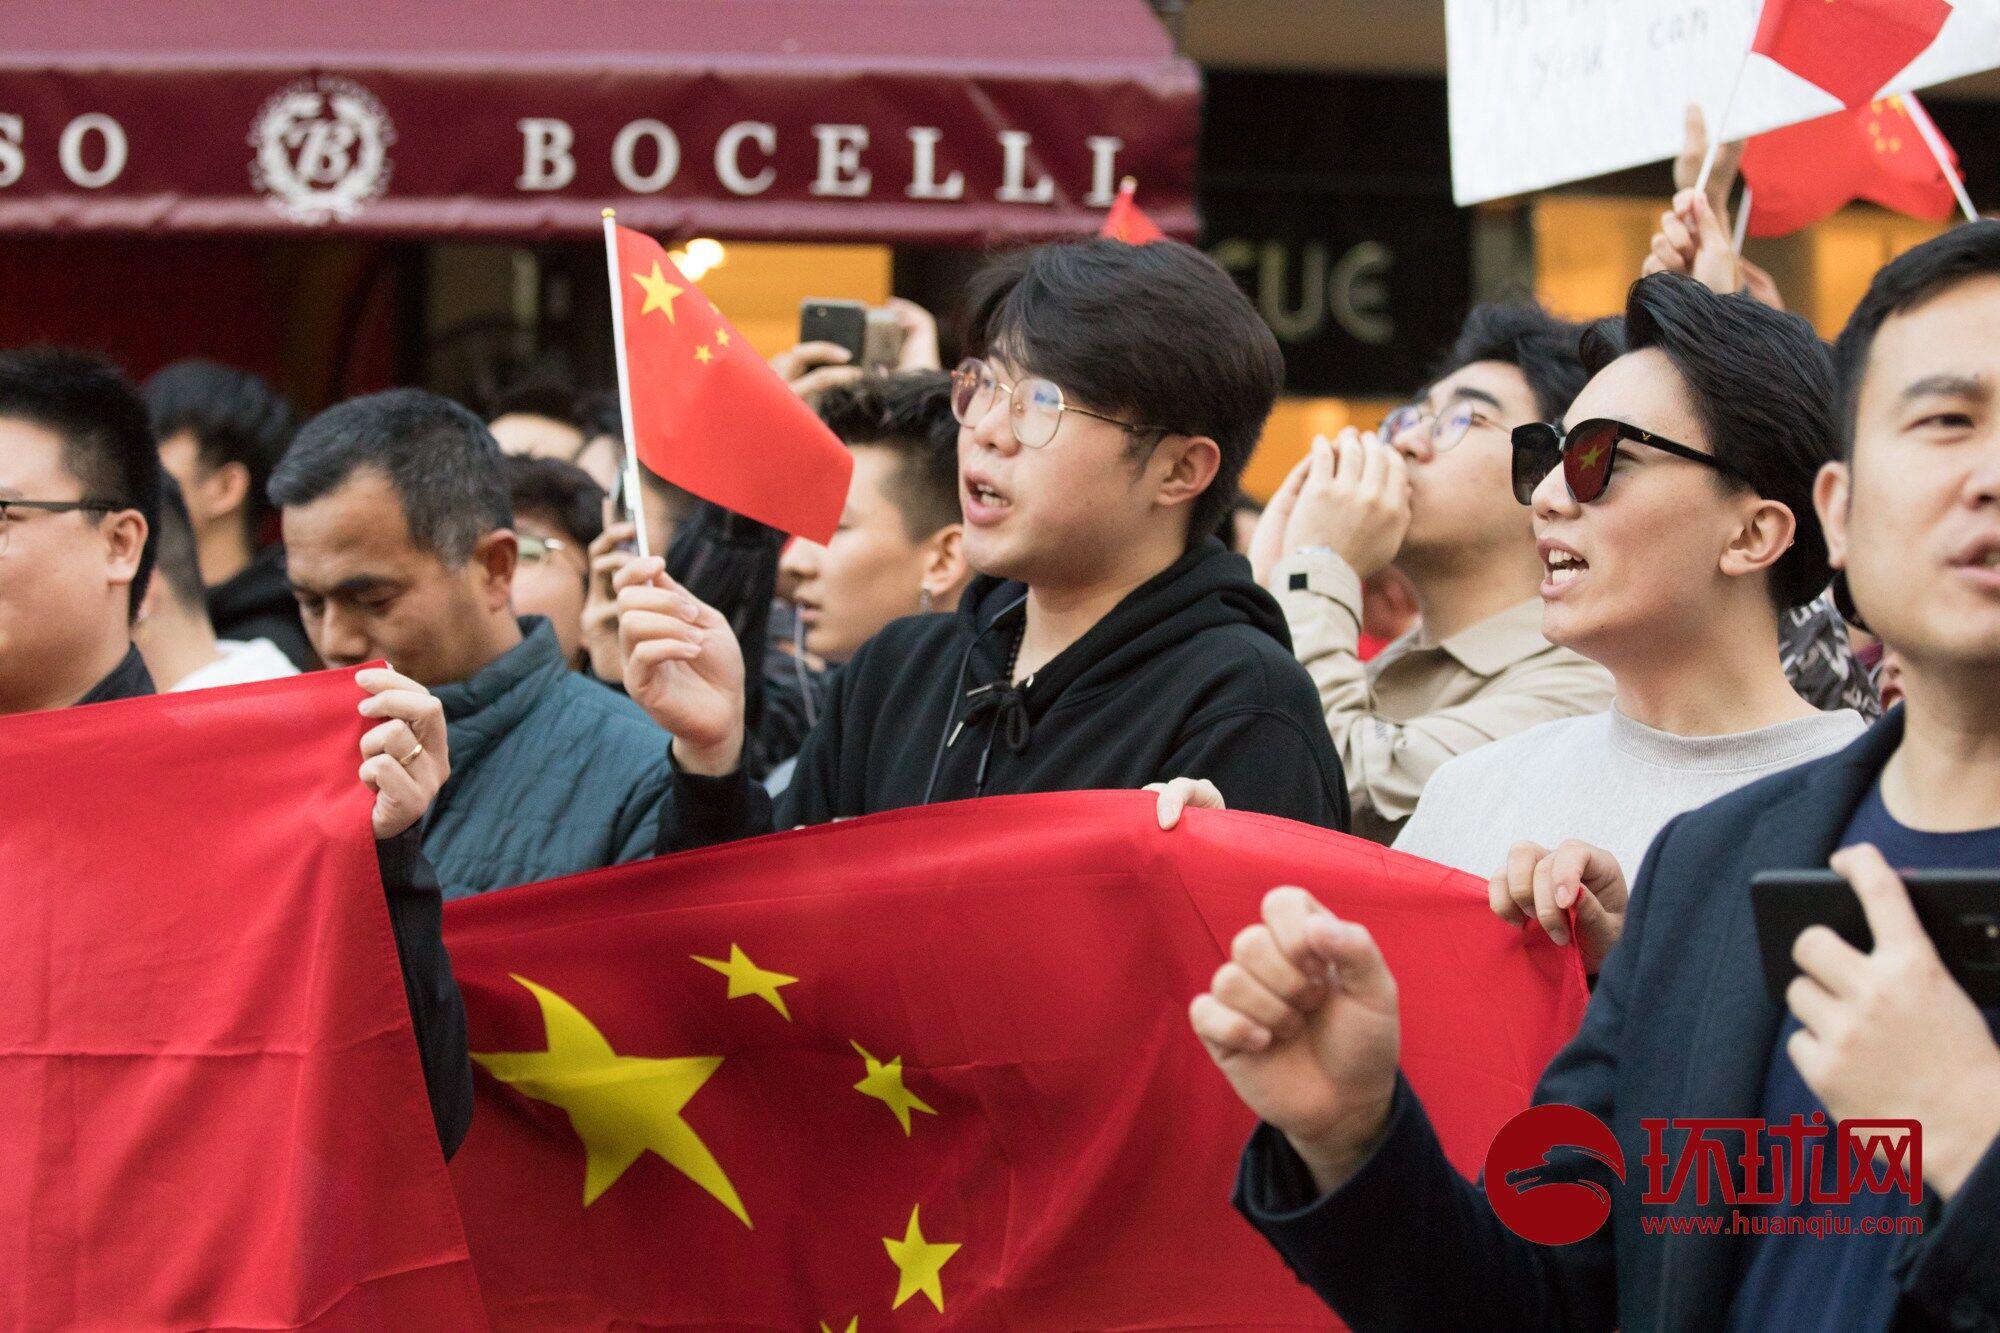 """""""爱香港,爱中国"""" 爱国口号响彻澳大利亚珀斯"""